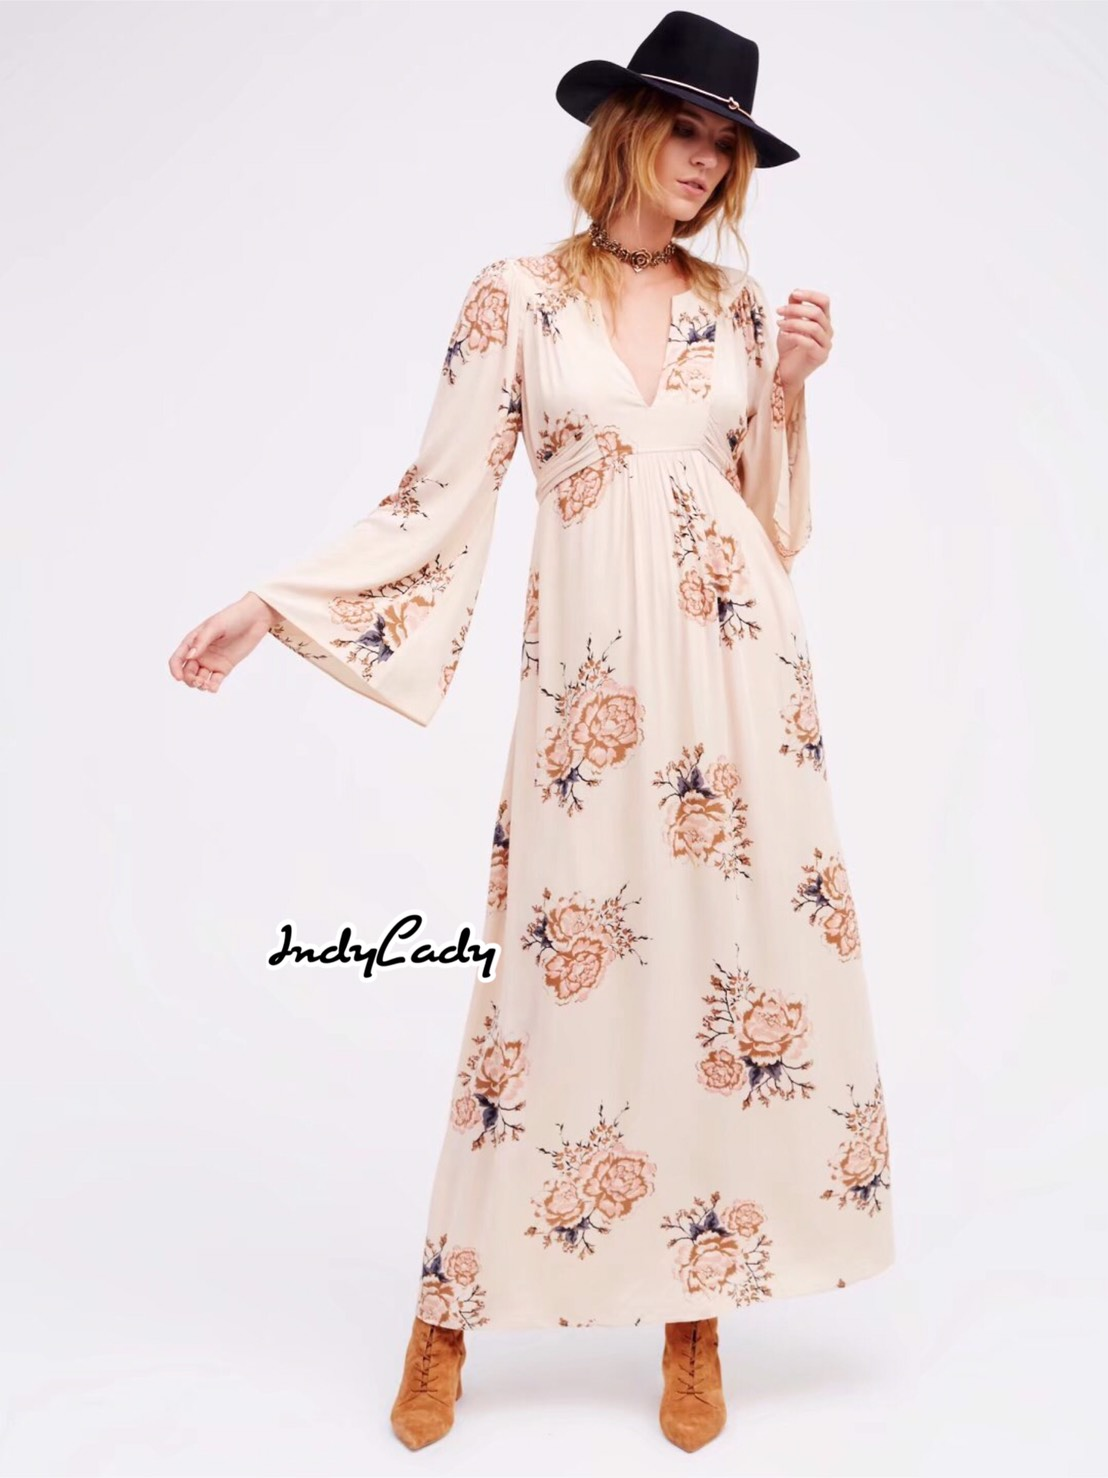 เดรสแฟชั่น Dress ยาว แขนยาว พิมพ์ลายดอกไม้ทั้งตัวตัว